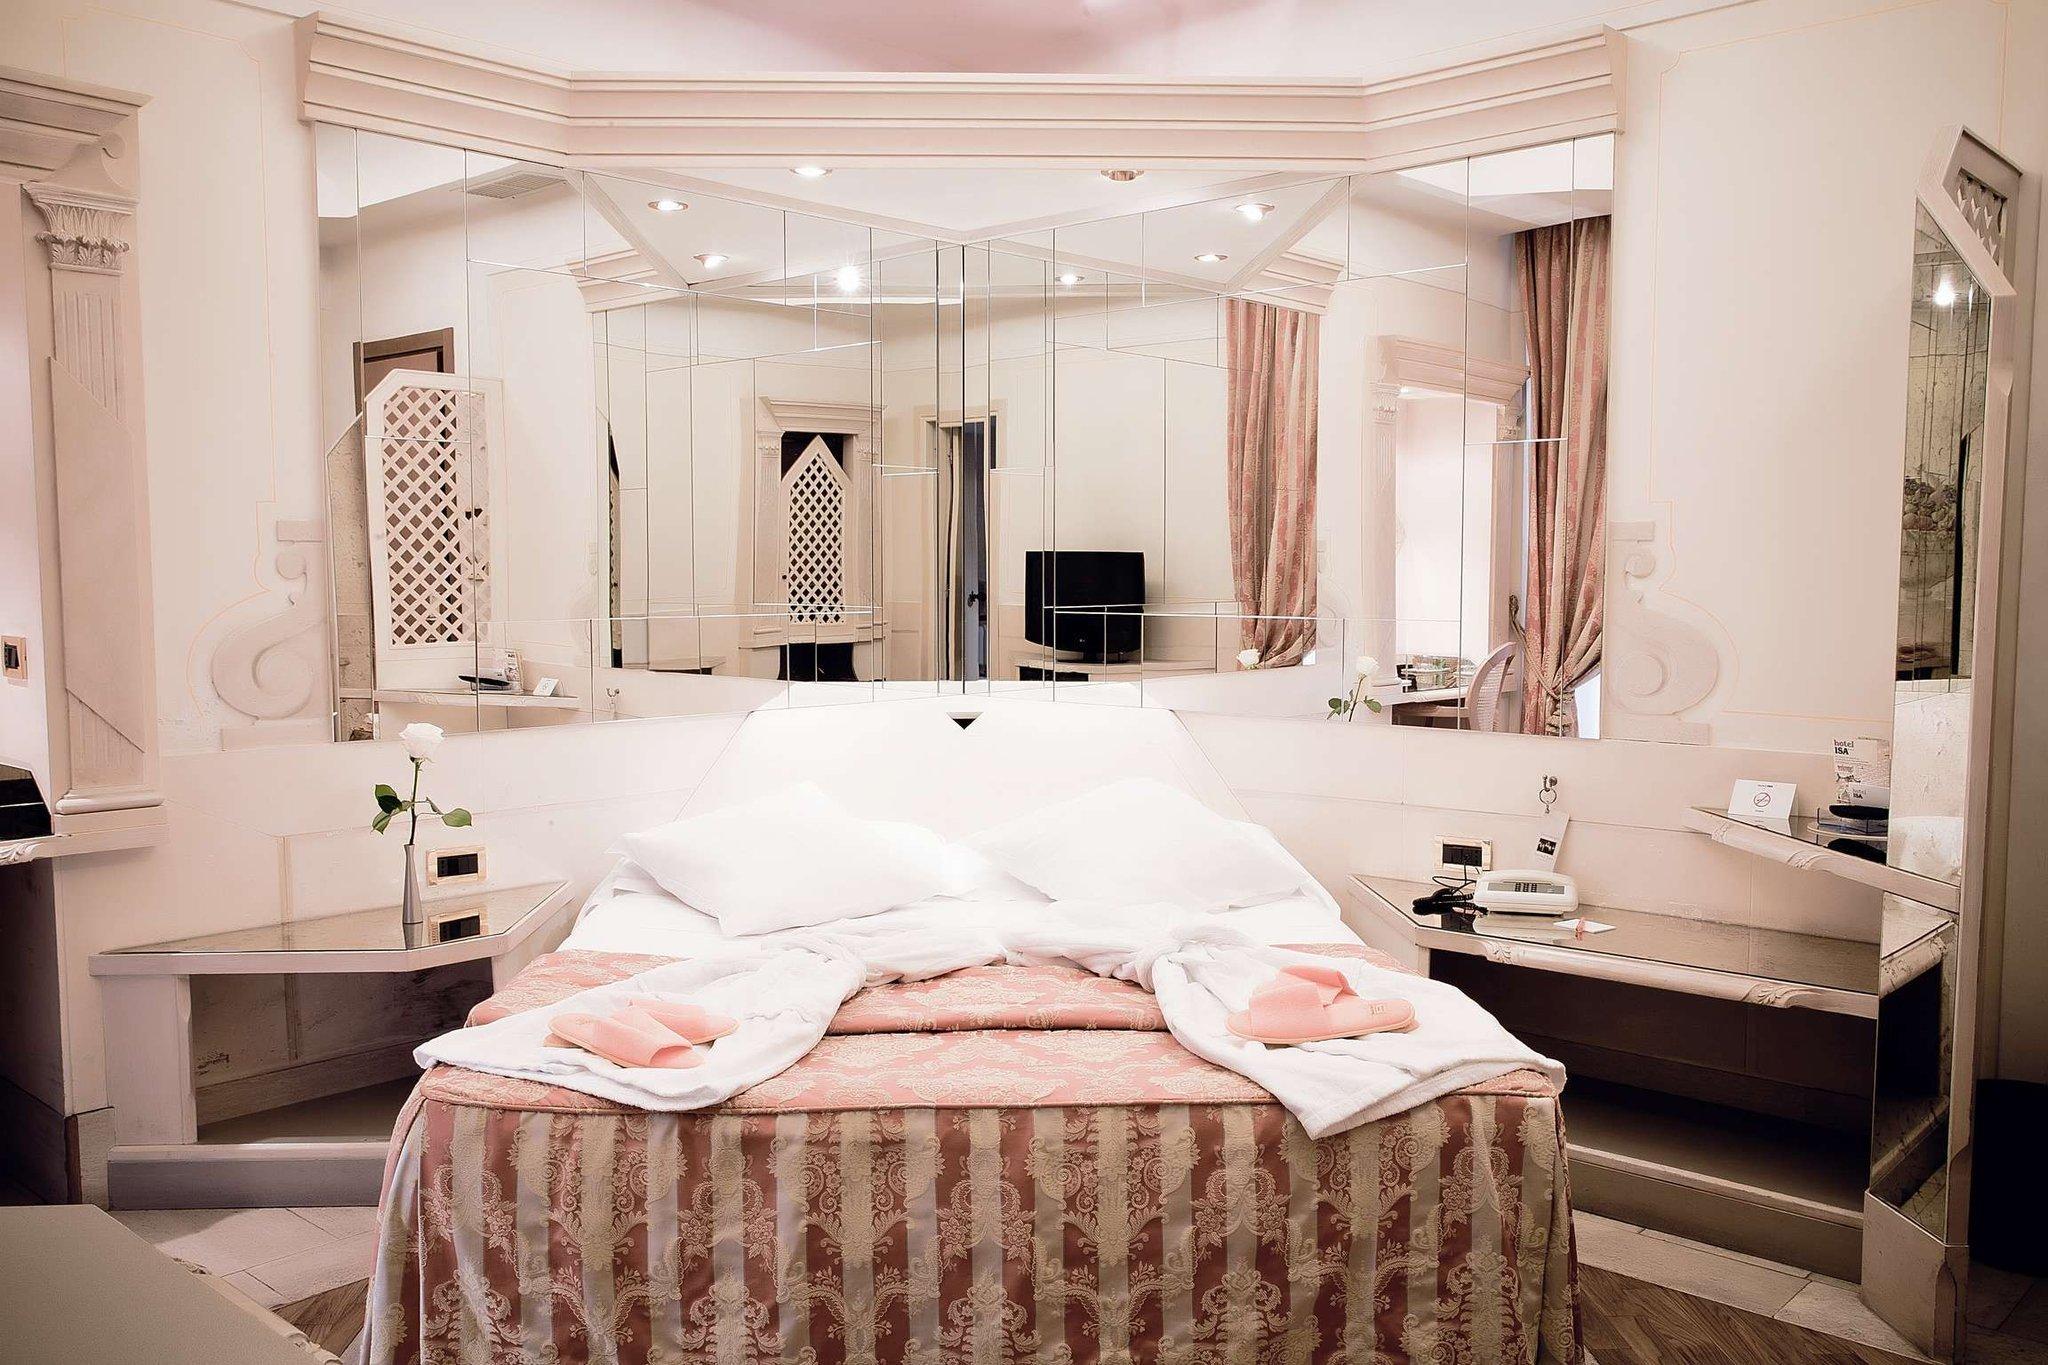 以賽亞酒店